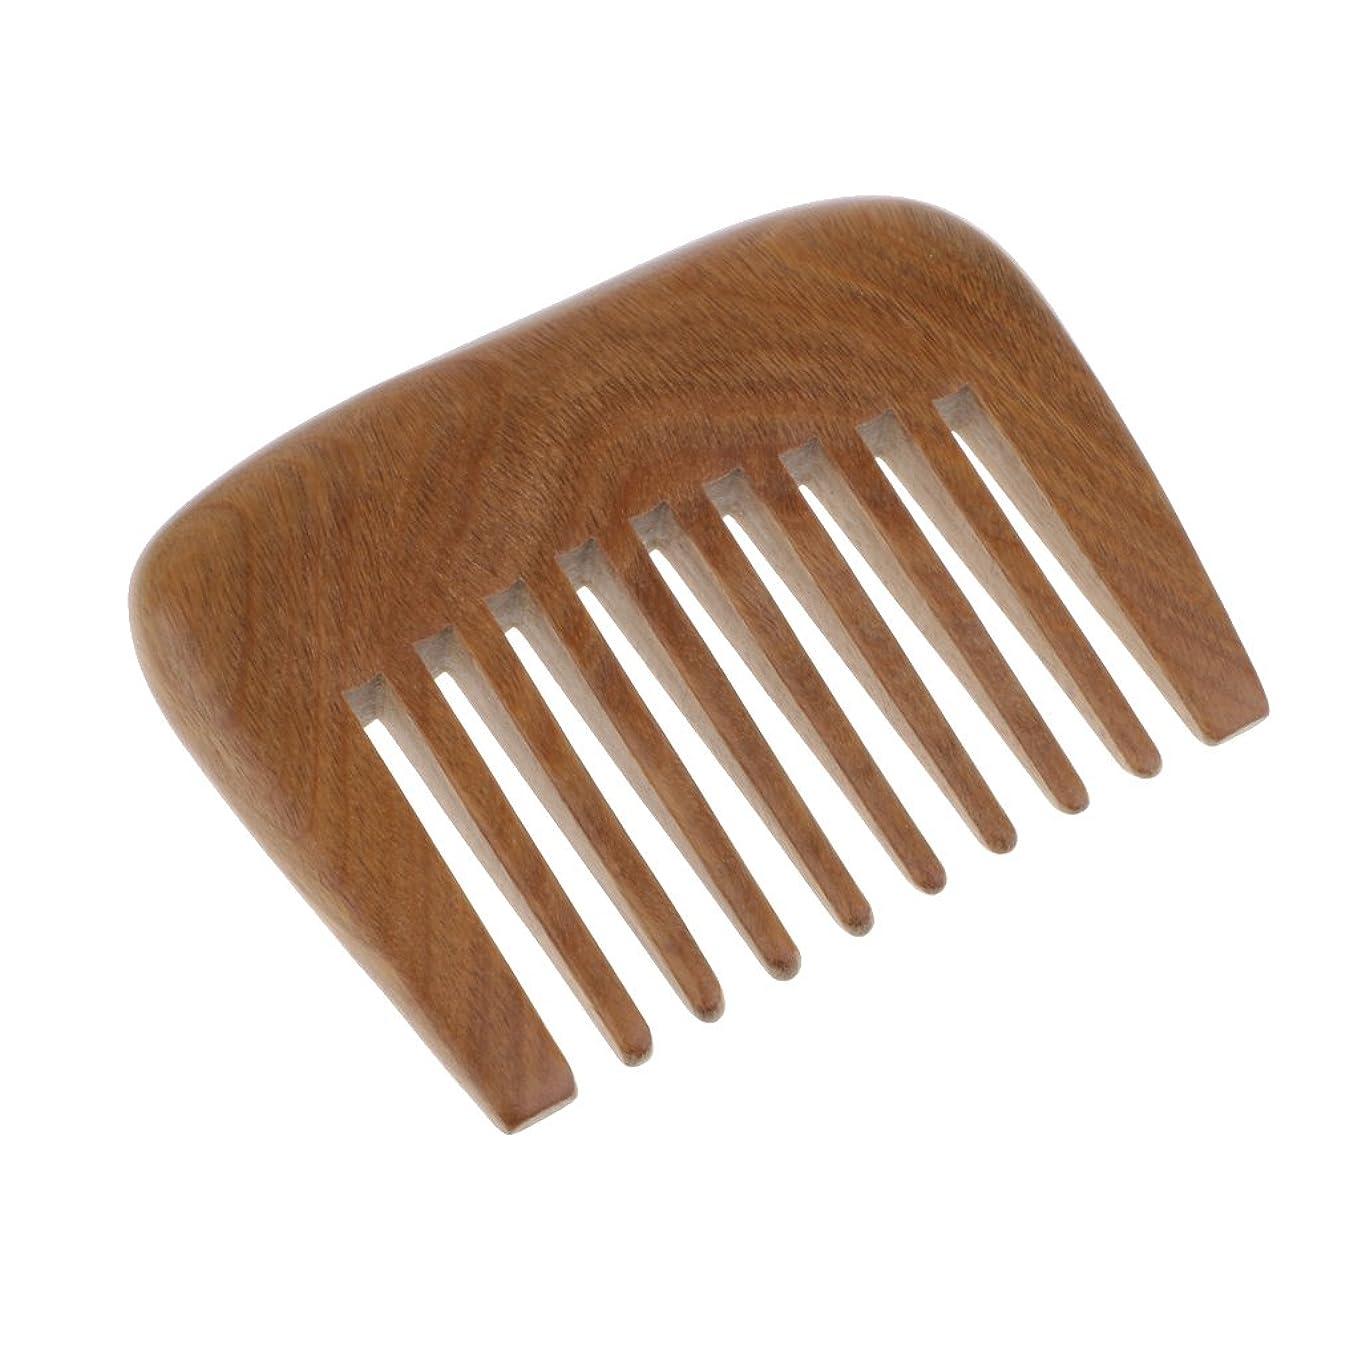 流暢に対応形状木の櫛ひげの櫛の広い歯の櫛のハンドメイドのビャクダンのポケット櫛